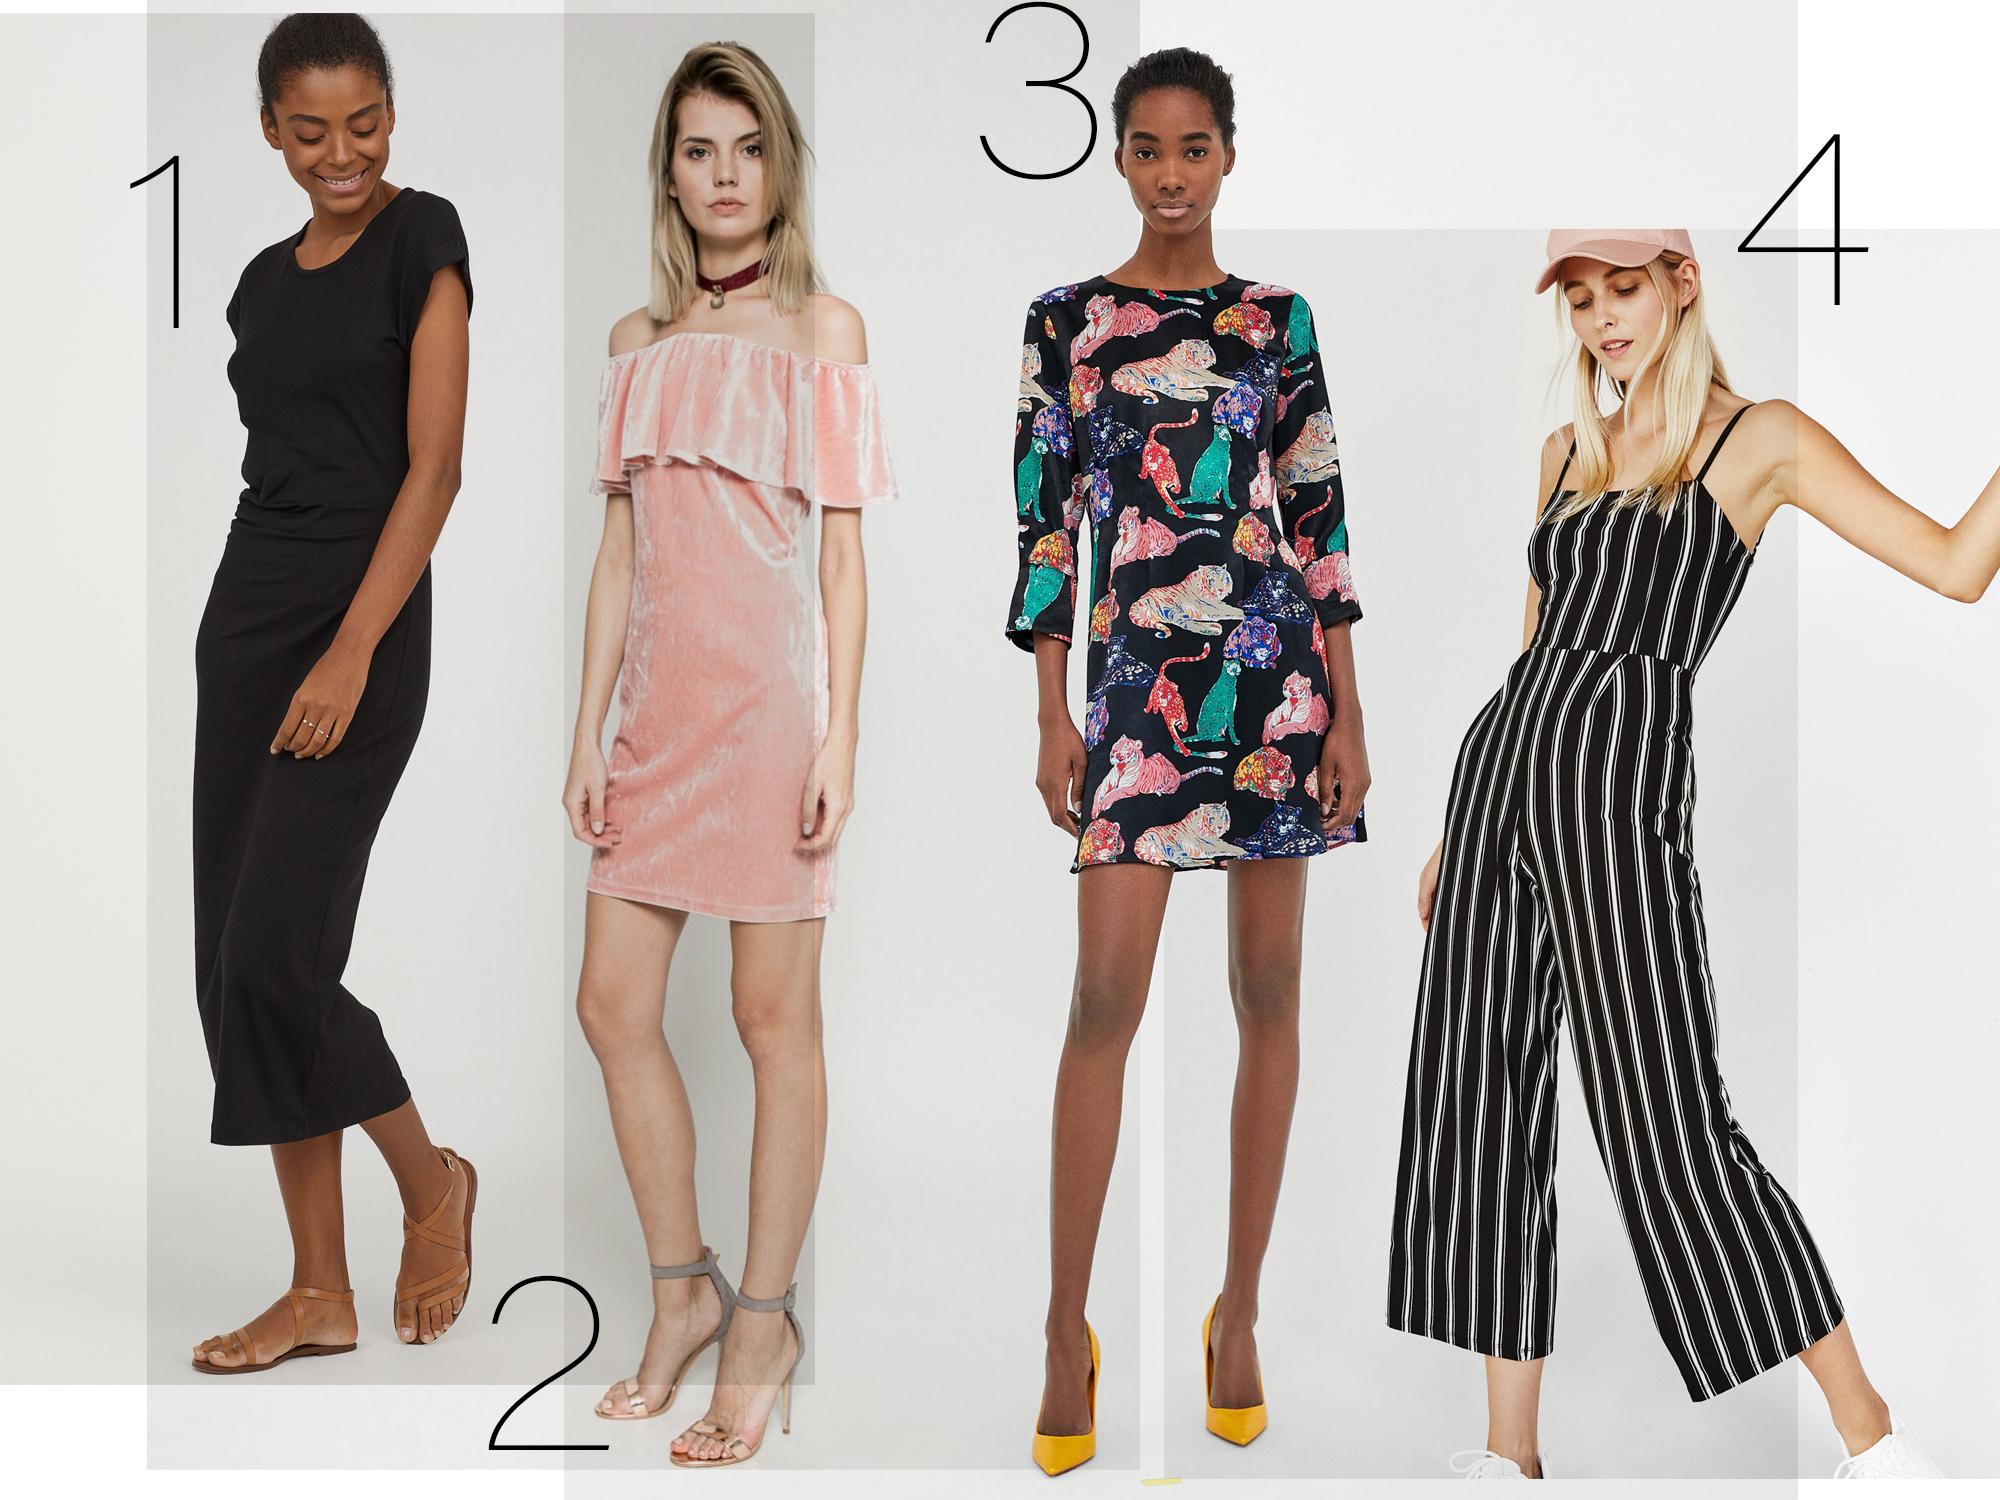 12 trendi, leárazott nyári ruha 7000 forint alatt | nlc